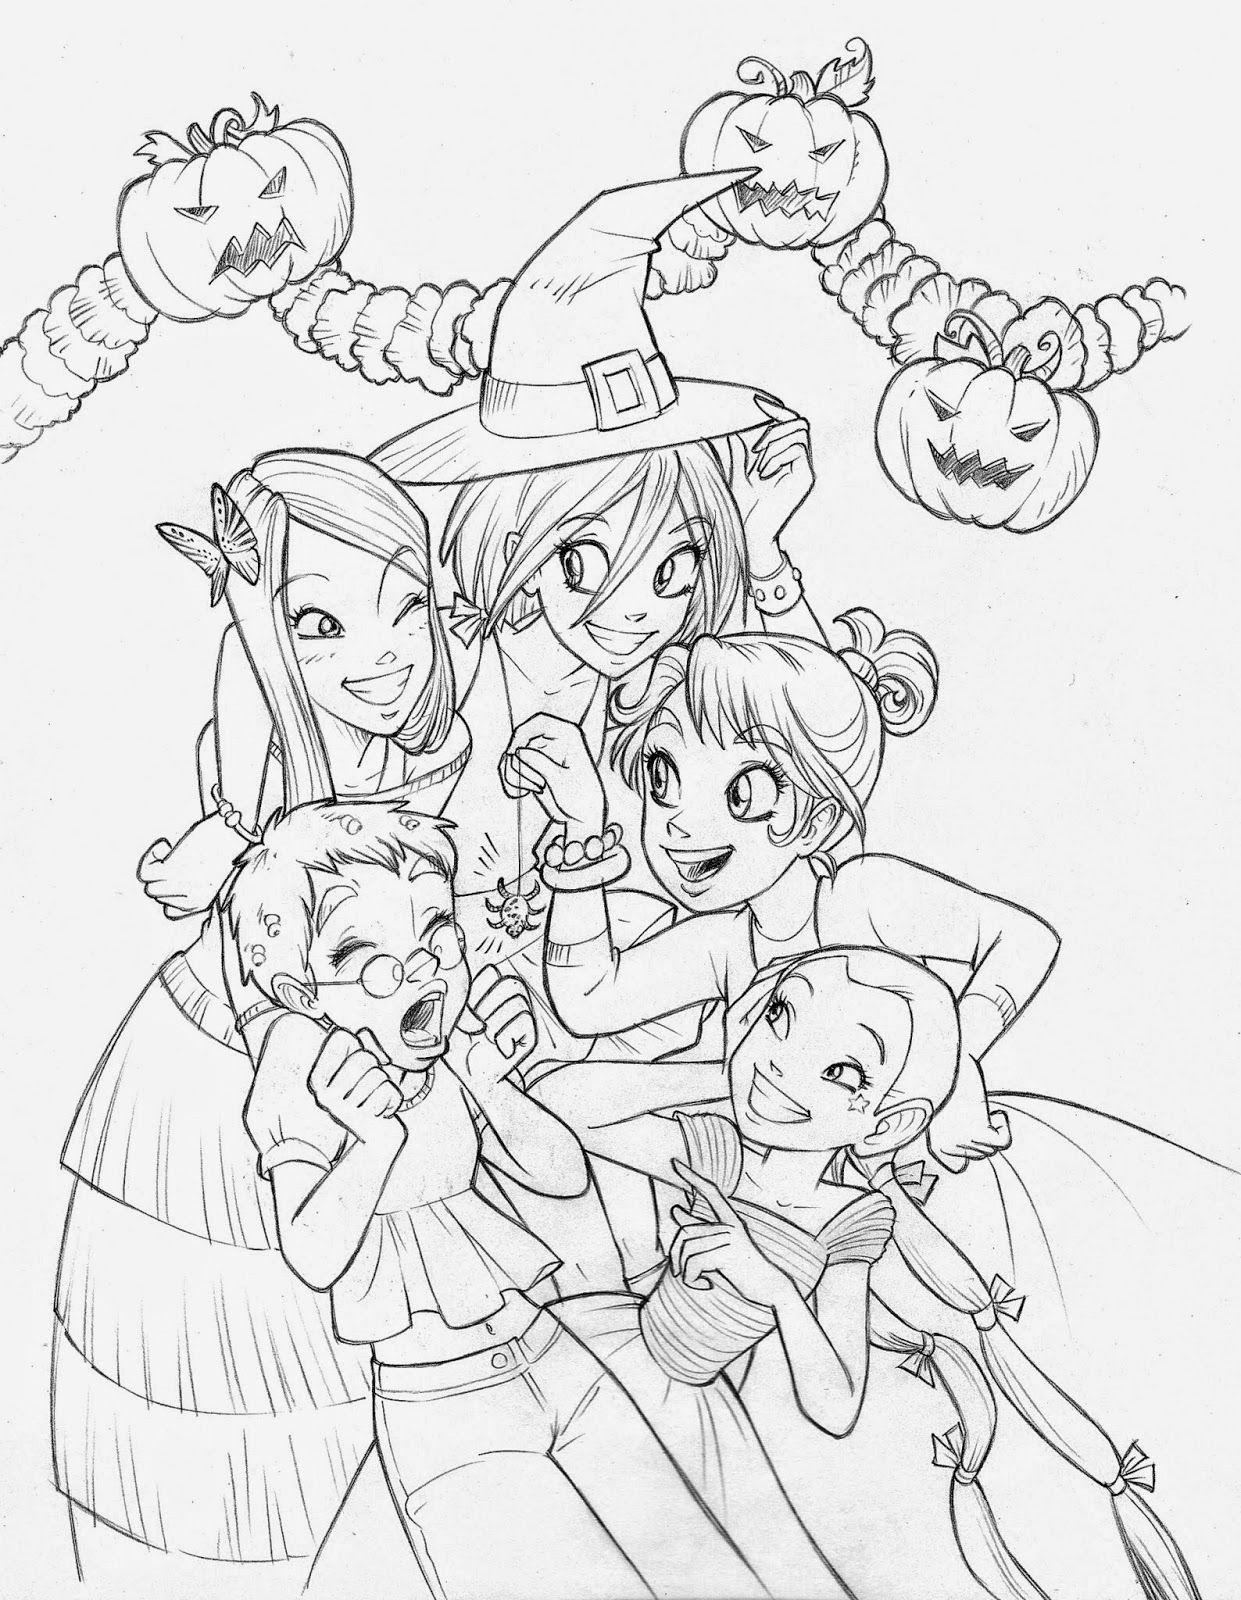 Daniela Vetro Un Altro Halloween Per Le W I T C H Disegni Mermaid Disegni Da Colorare Idee Per Disegnare